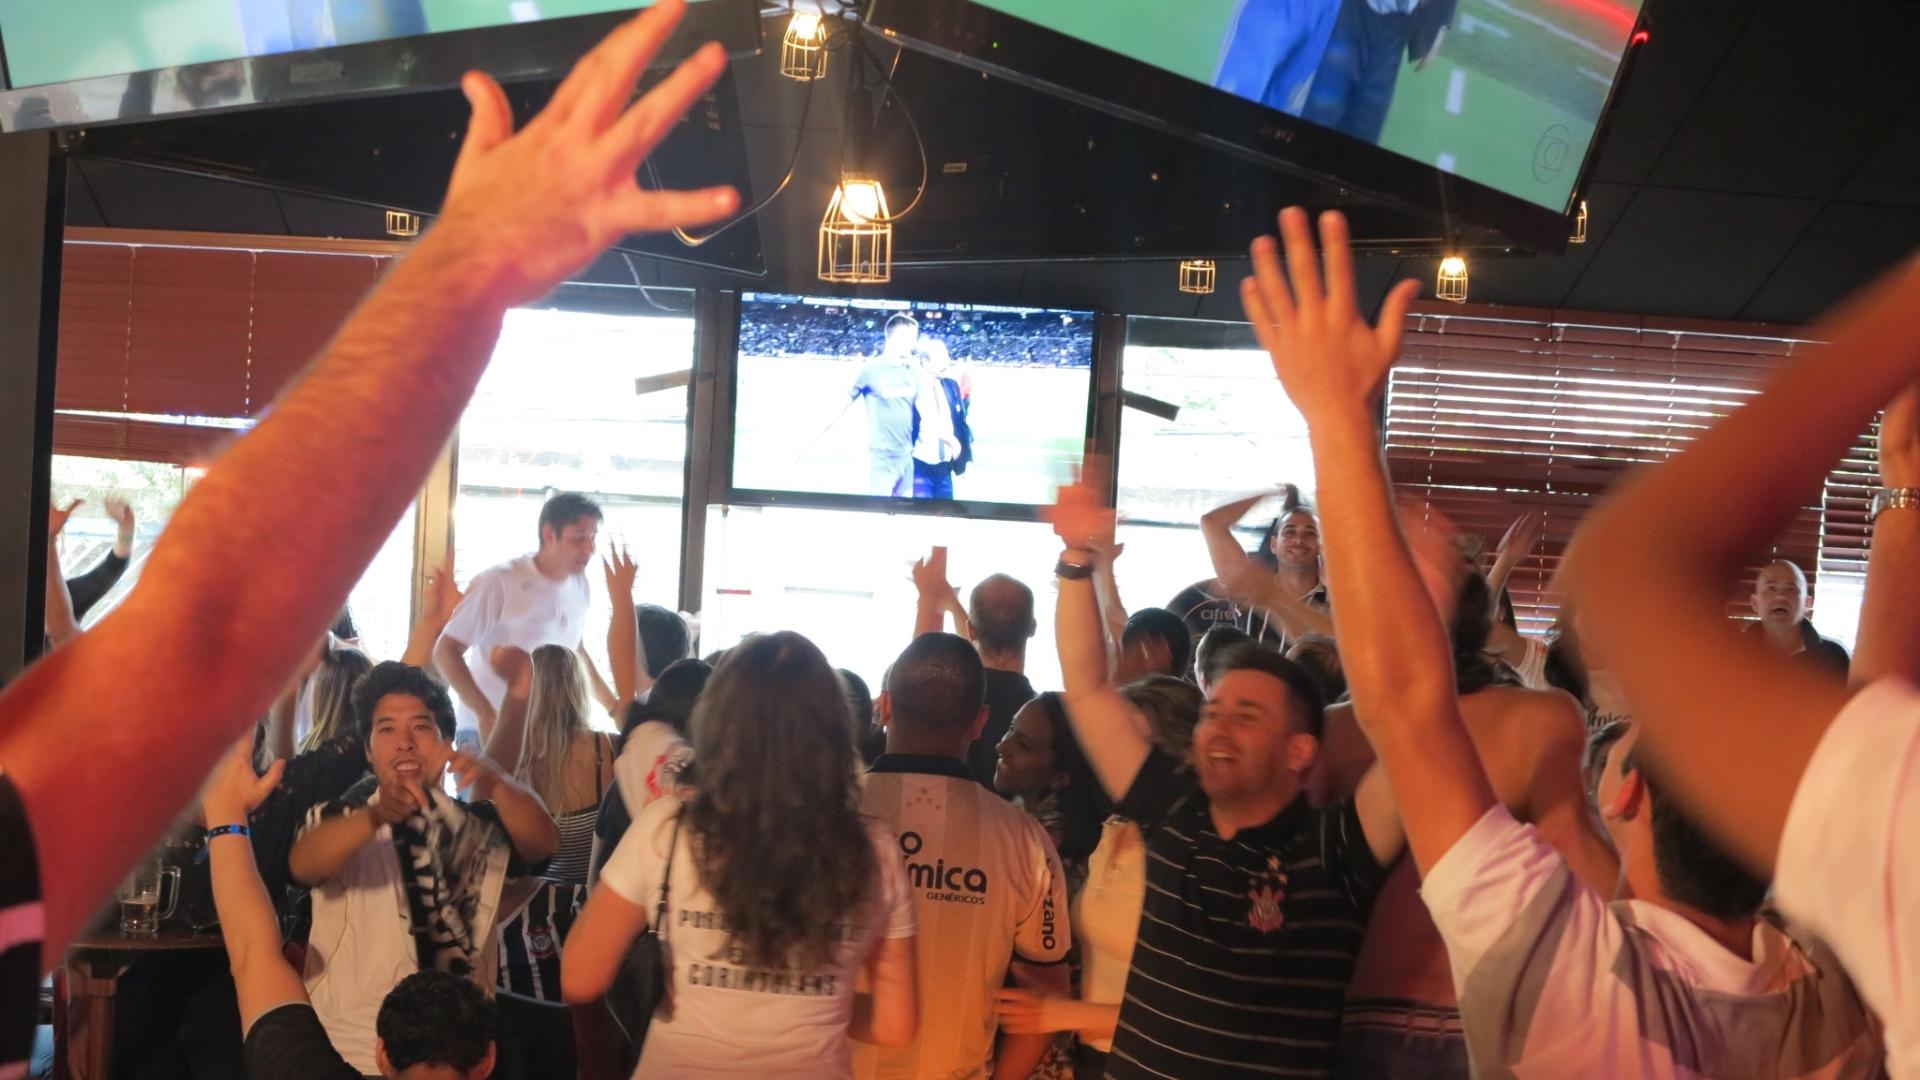 Torcedores comemoram gol do Corinthians no bar Buddies, no Itaim, zona sul de São Paulo